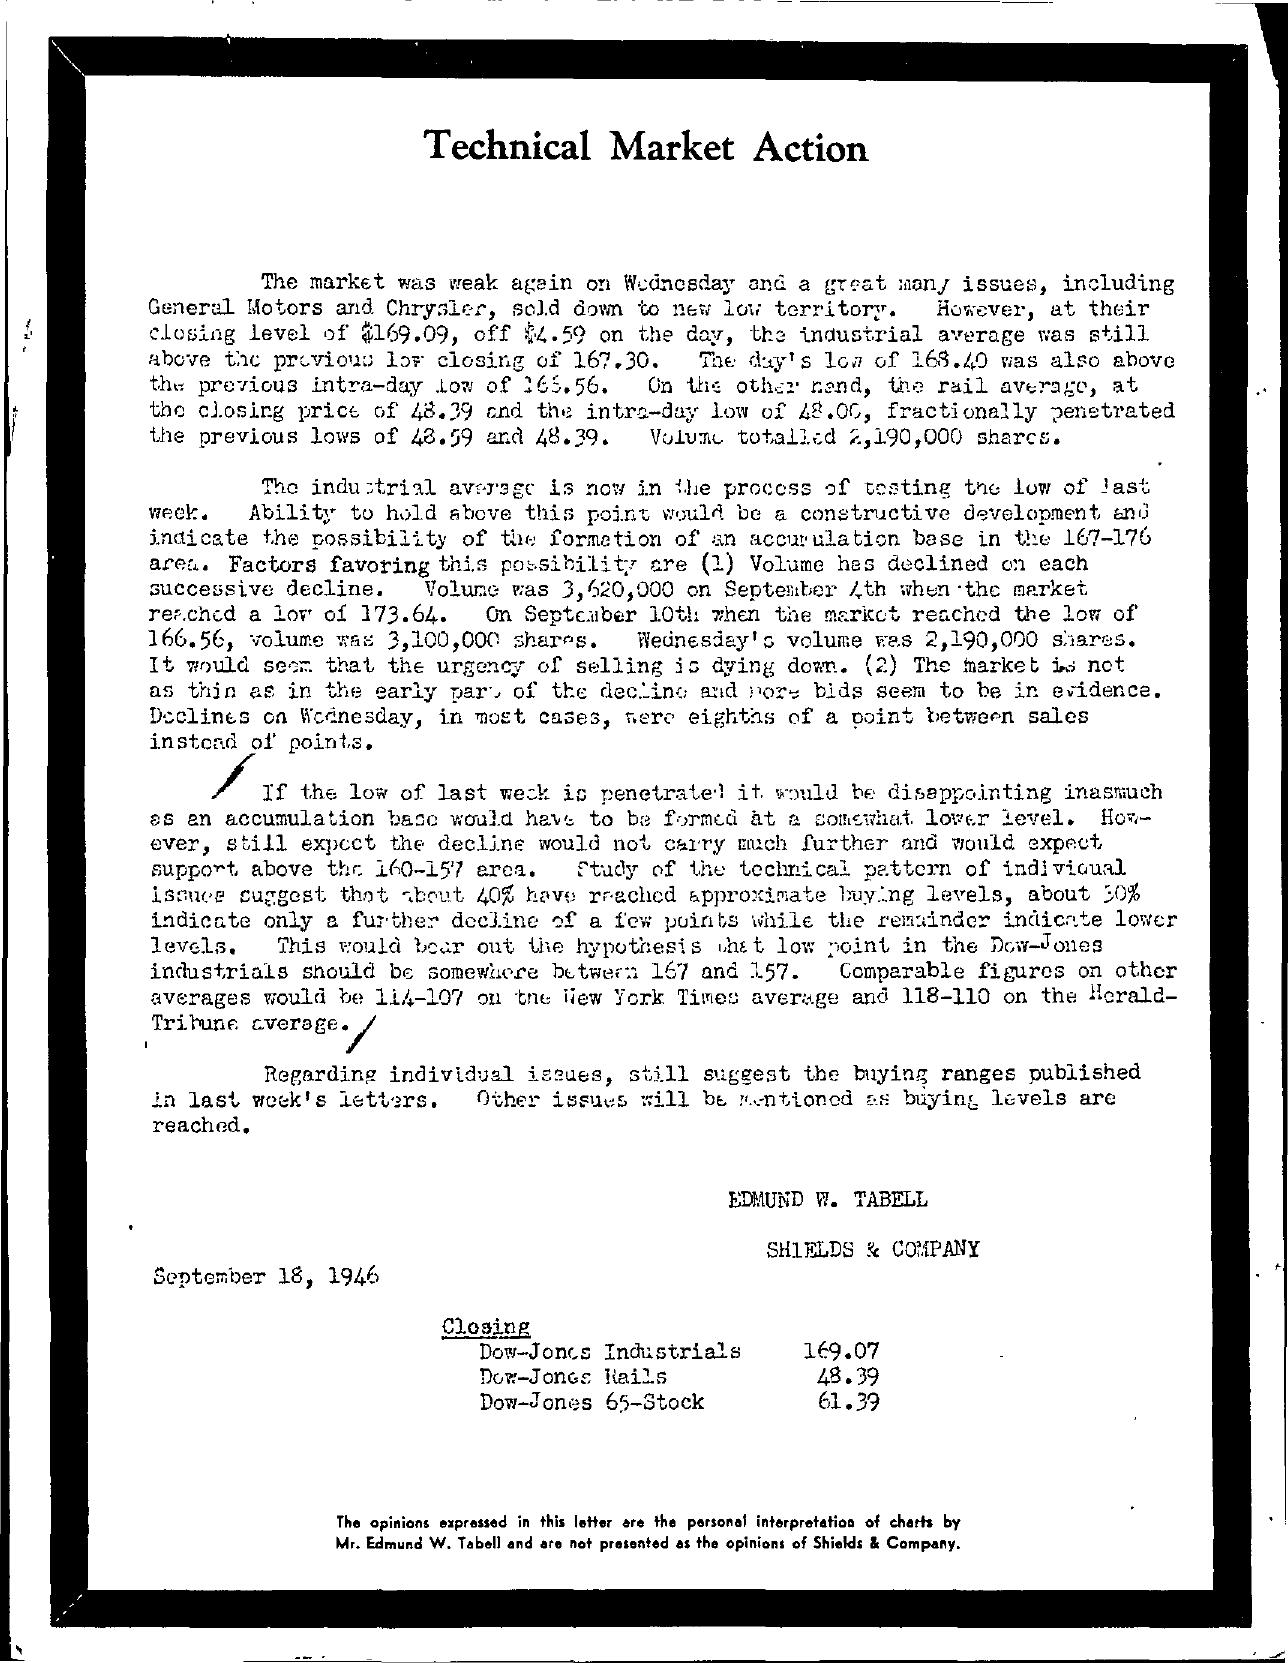 Tabell's Market Letter - September 18, 1946